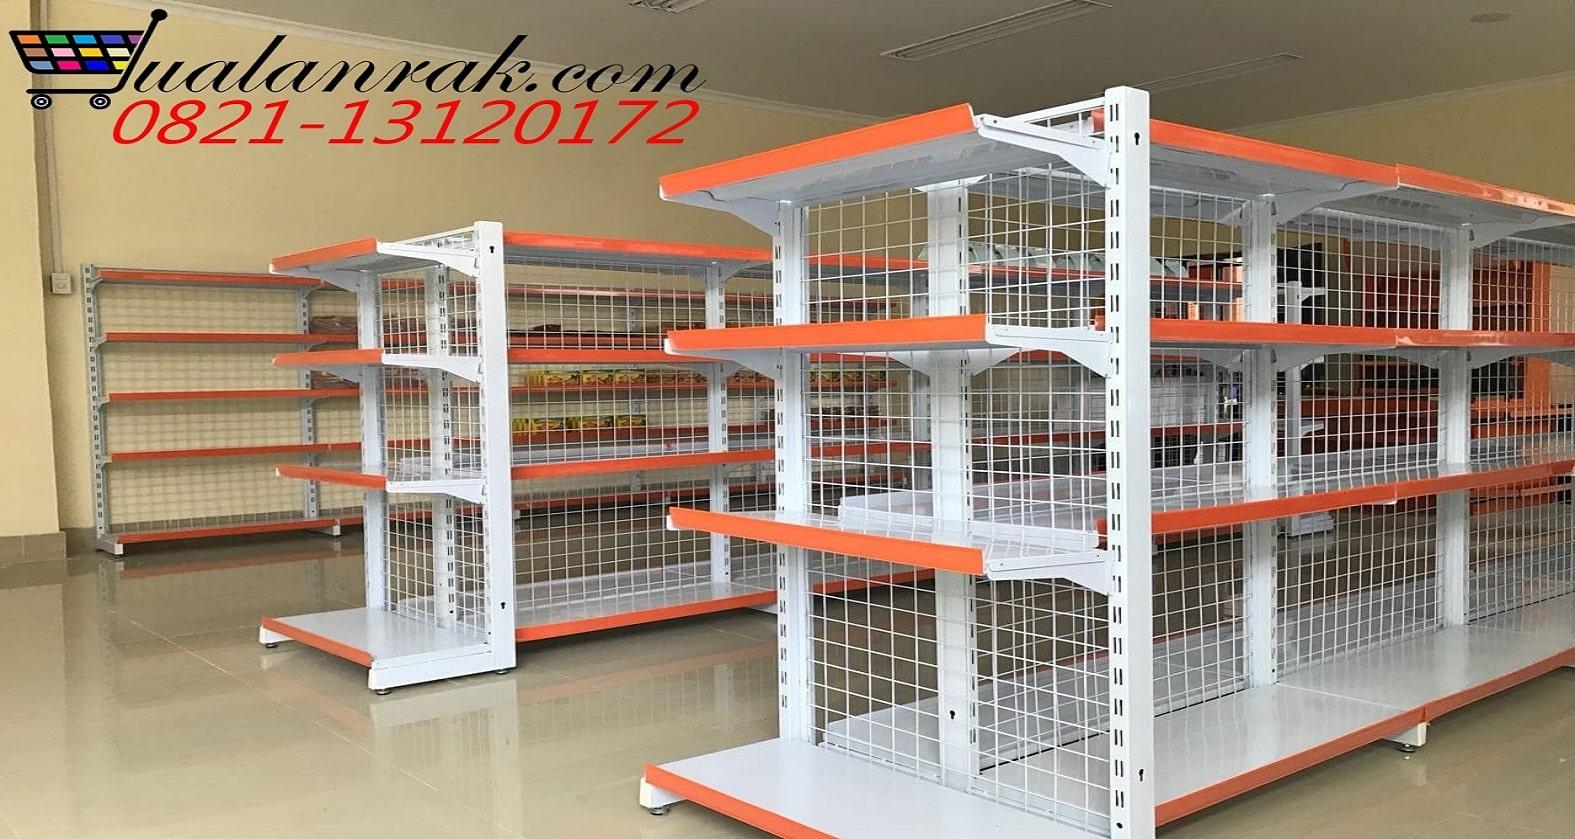 pabrik rak minimarket, produsen rak mini market, harga rak mini market